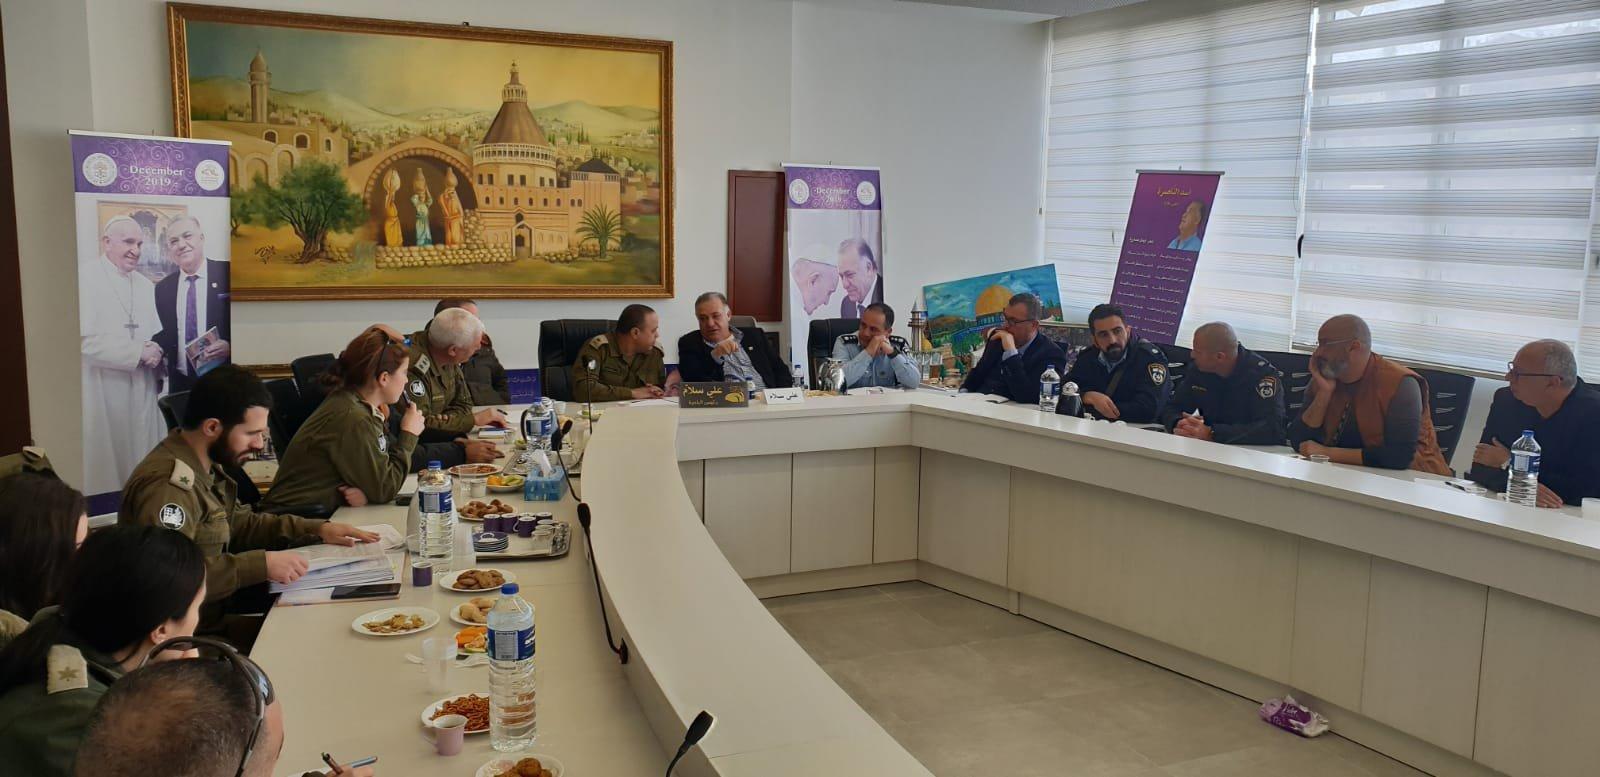 لجنه الطوارئ في بلدية الناصرة تعقد جلسه عمل مع الجبهة الداخلية-7